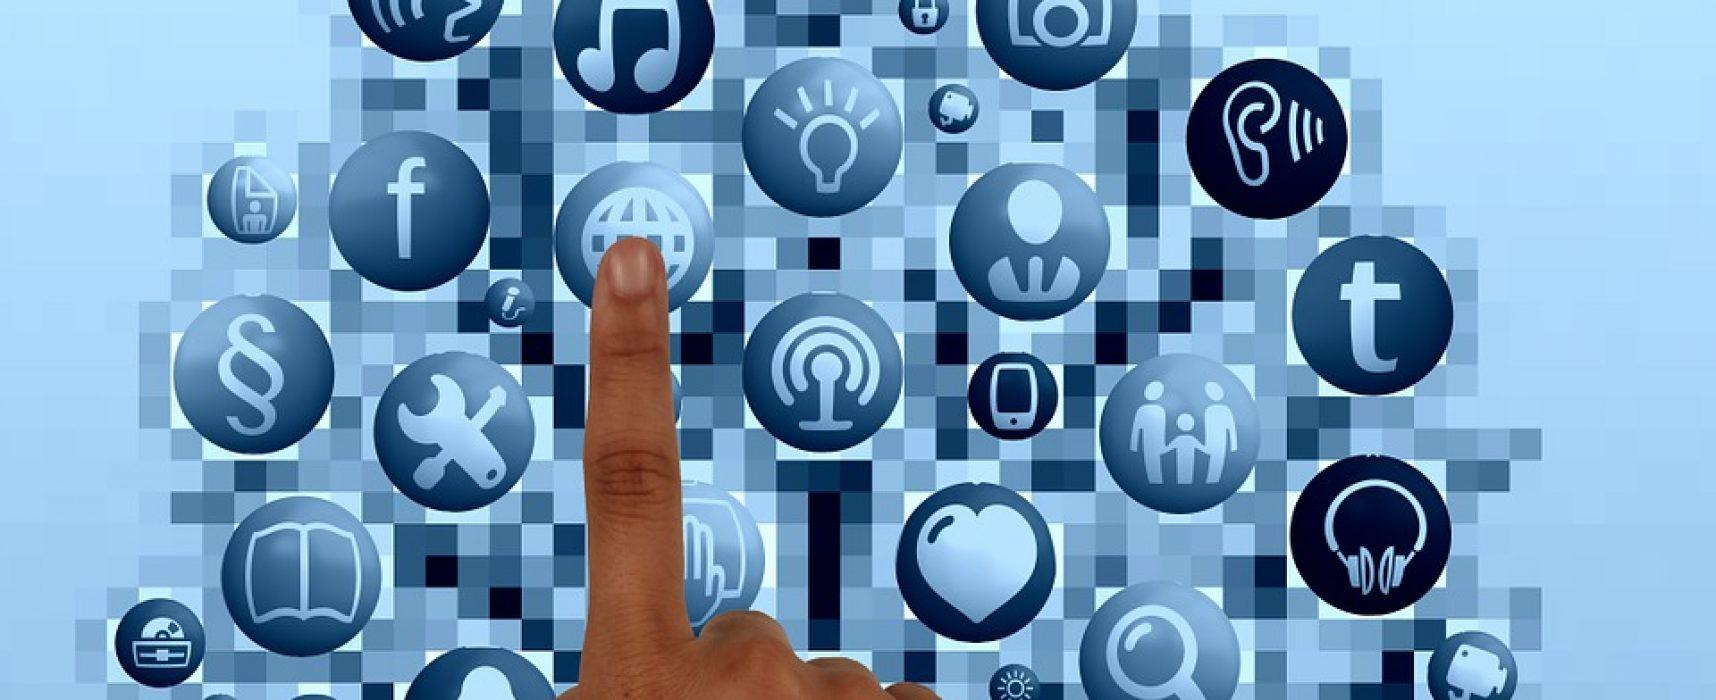 Як ідентифікувати бота в Twitter: сервіси і інструменти